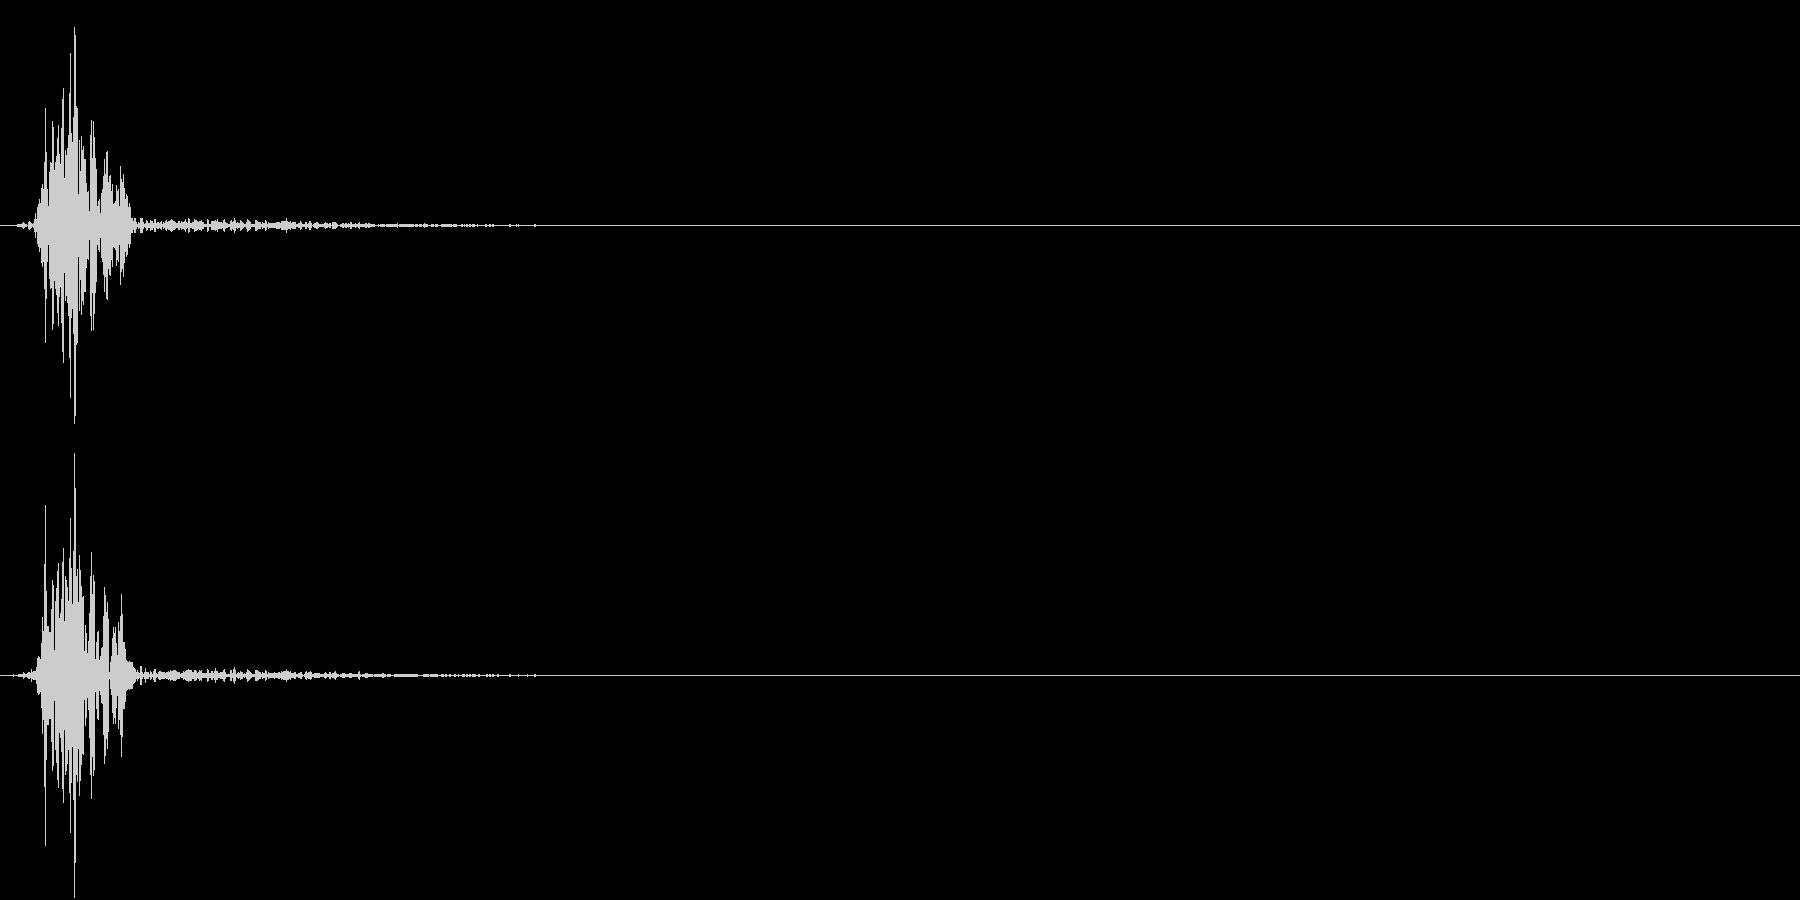 KAKUGE 格闘ゲーム戦闘音 21の未再生の波形